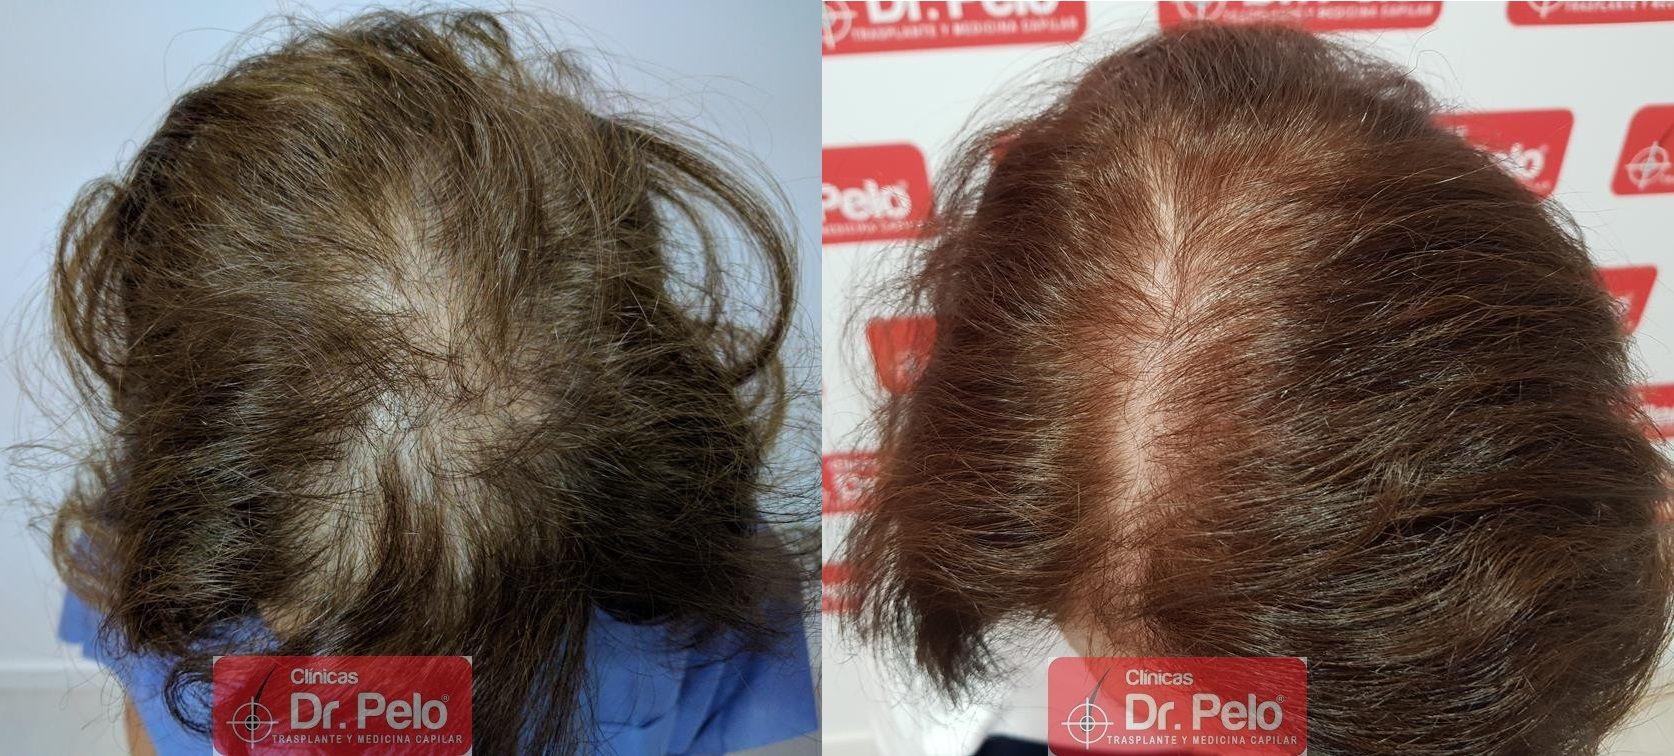 [Imagen: trasplante-capilar-mujer-dr-pelo-28.jpg]